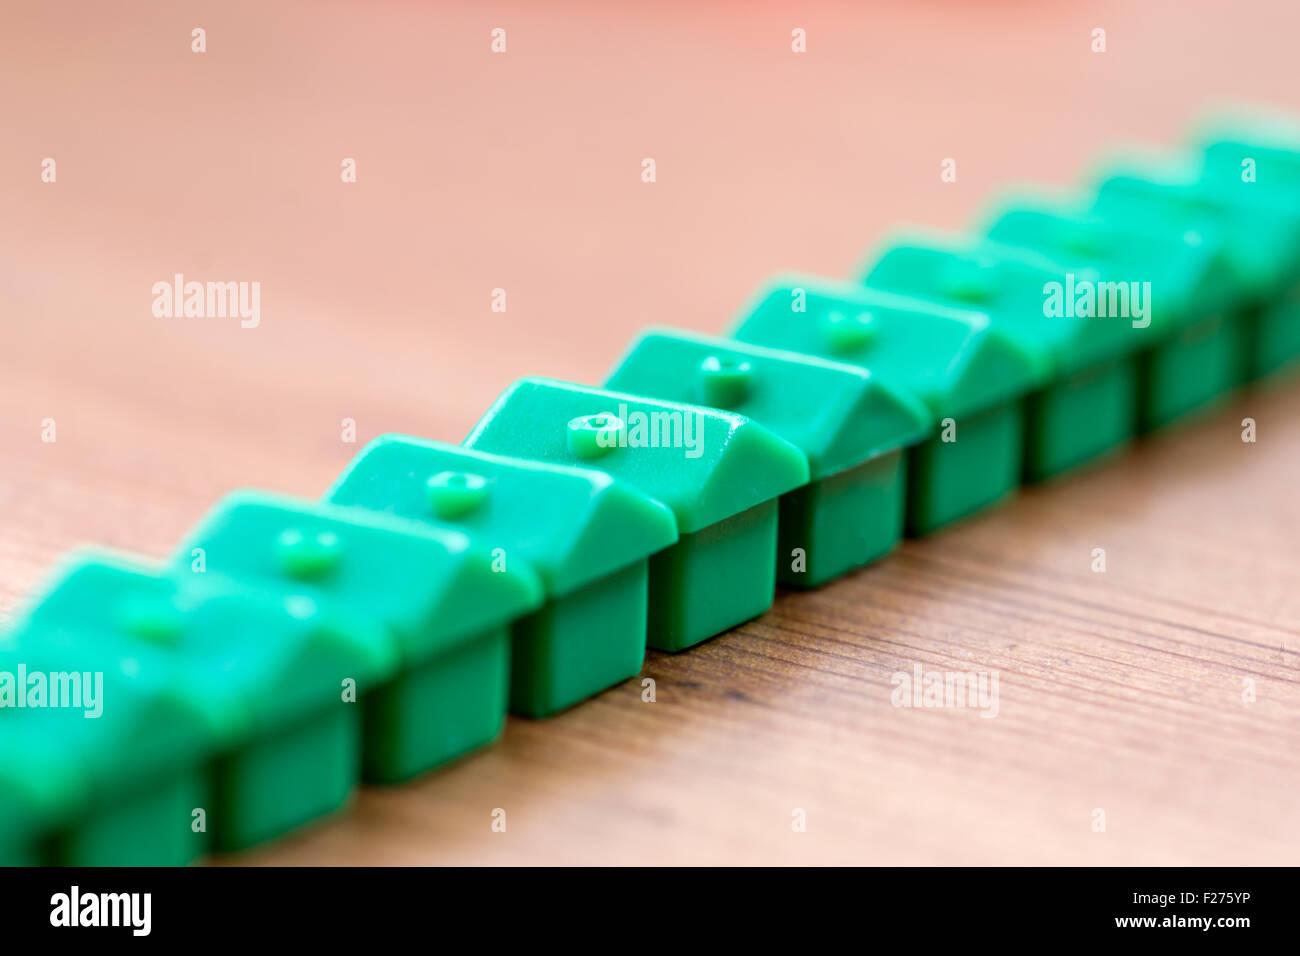 Plastic model houses